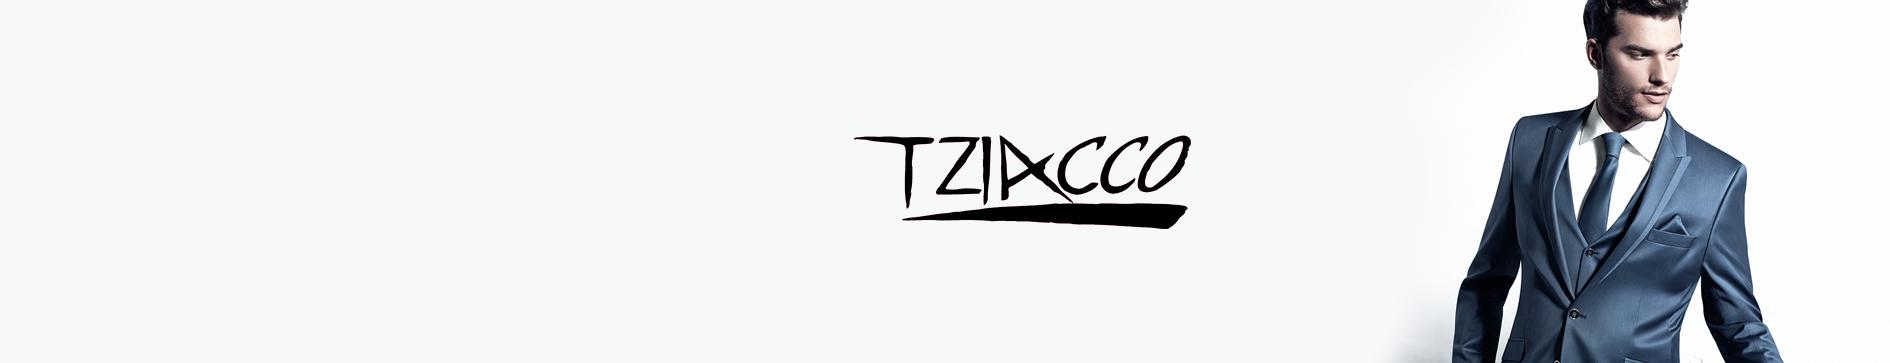 Tziacco für Herren online im Shop bei meinfischer.de kaufen